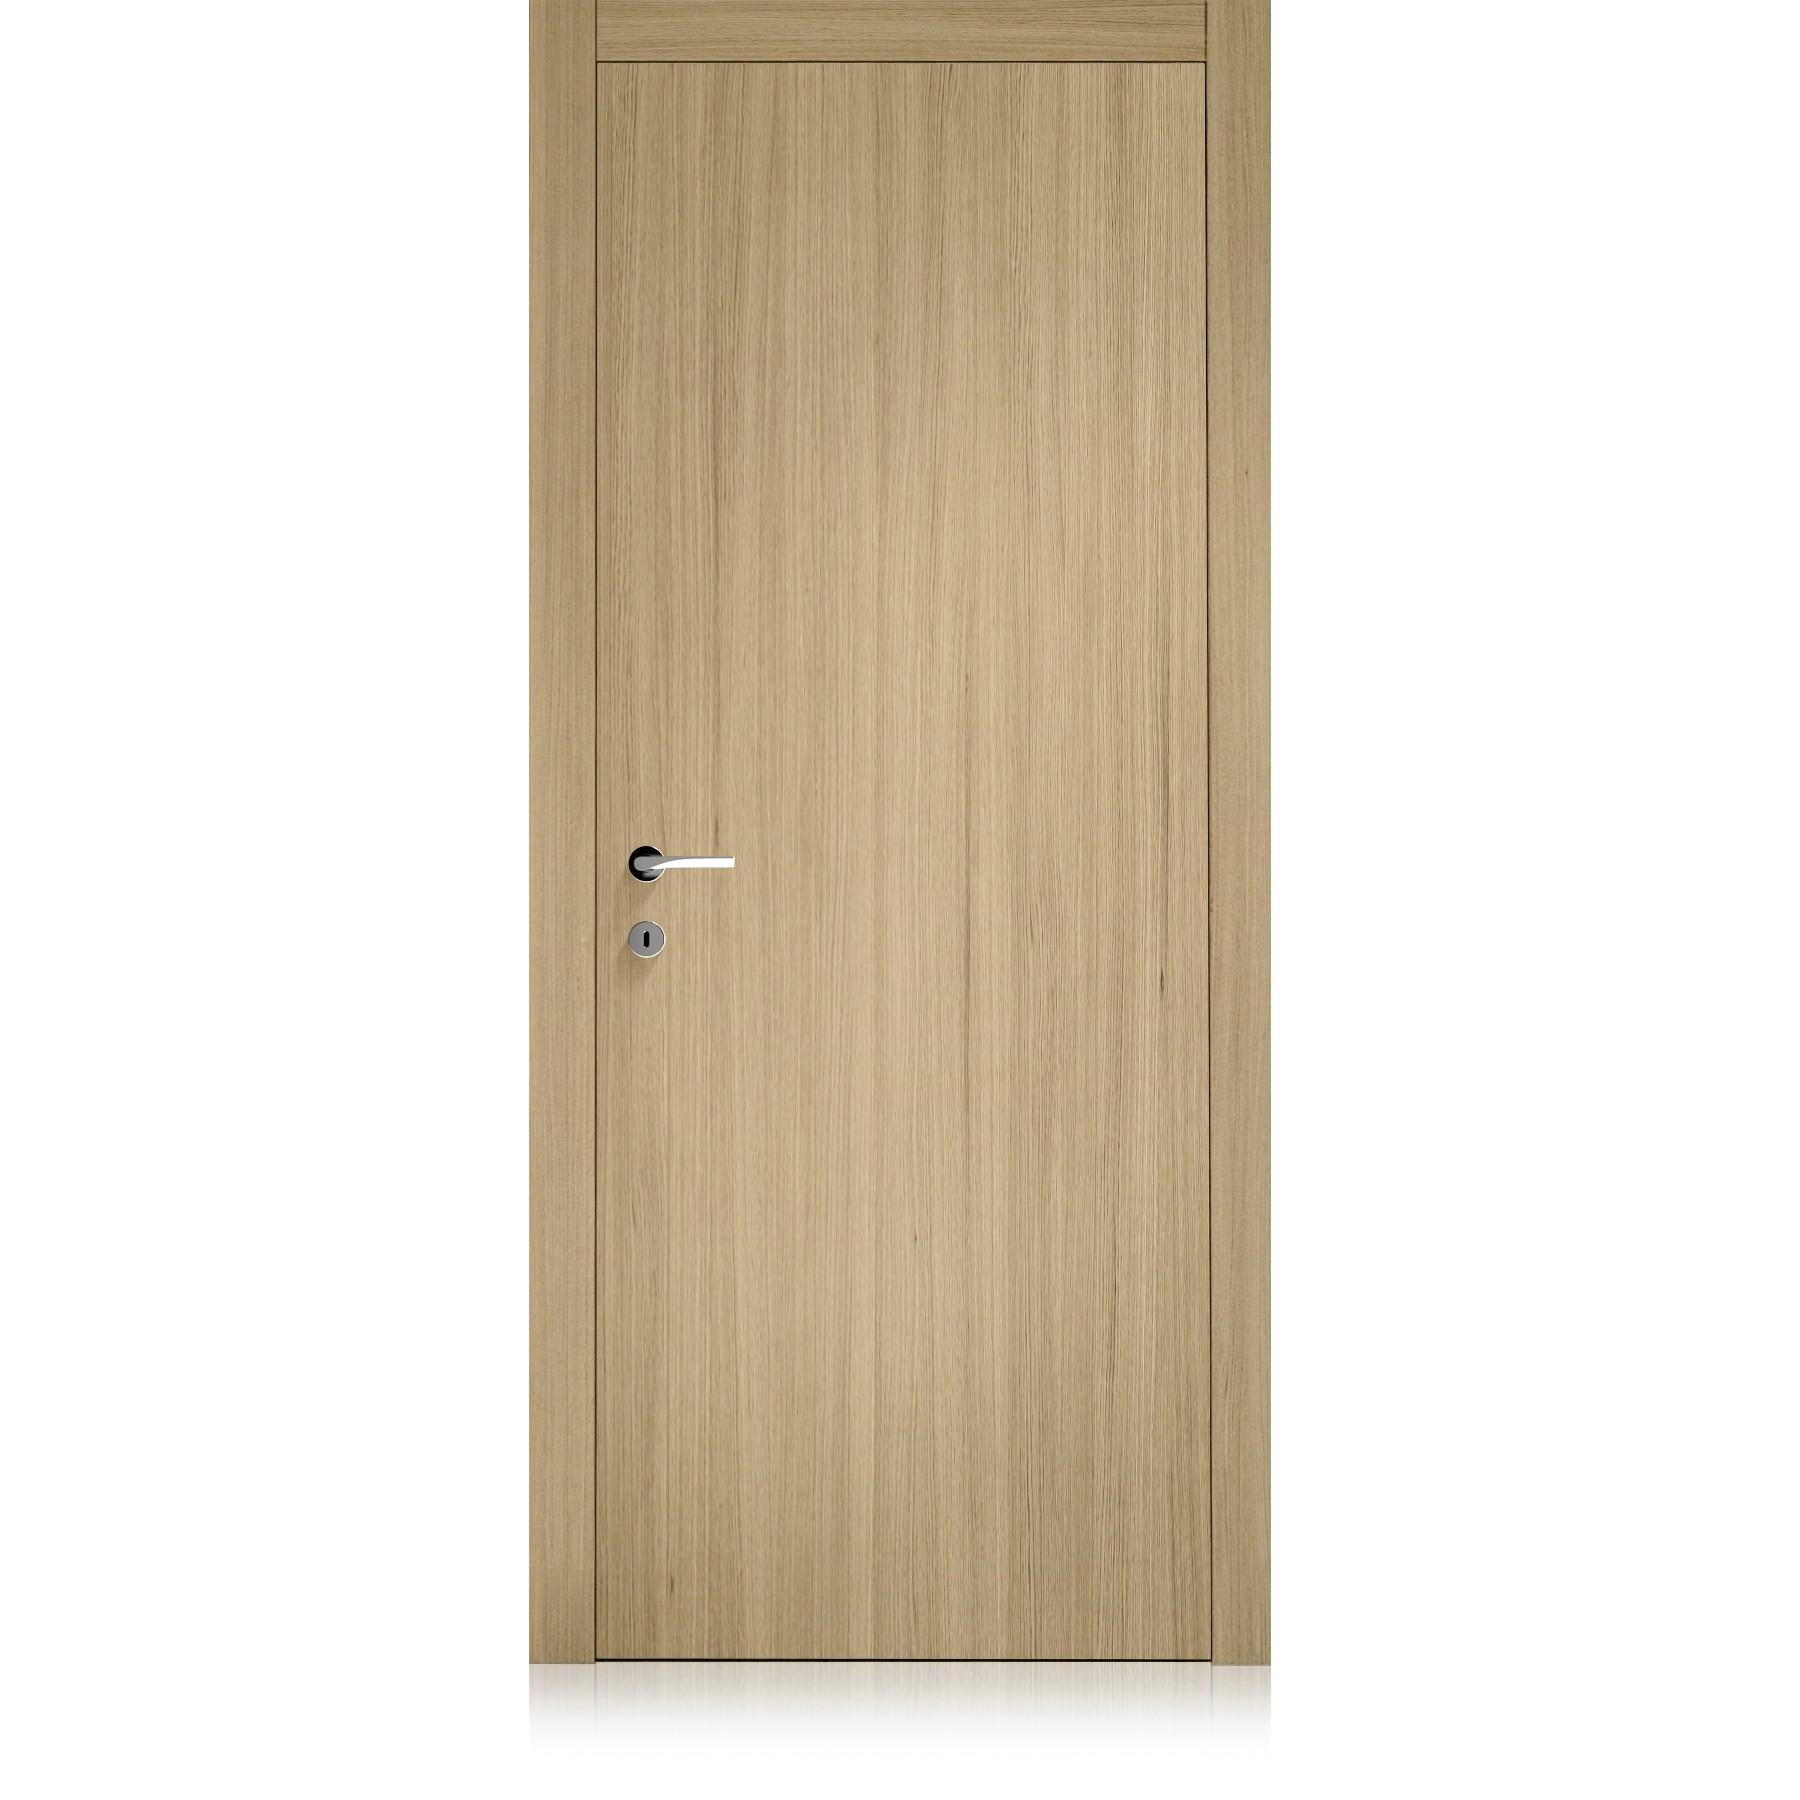 Liss rovere gold door